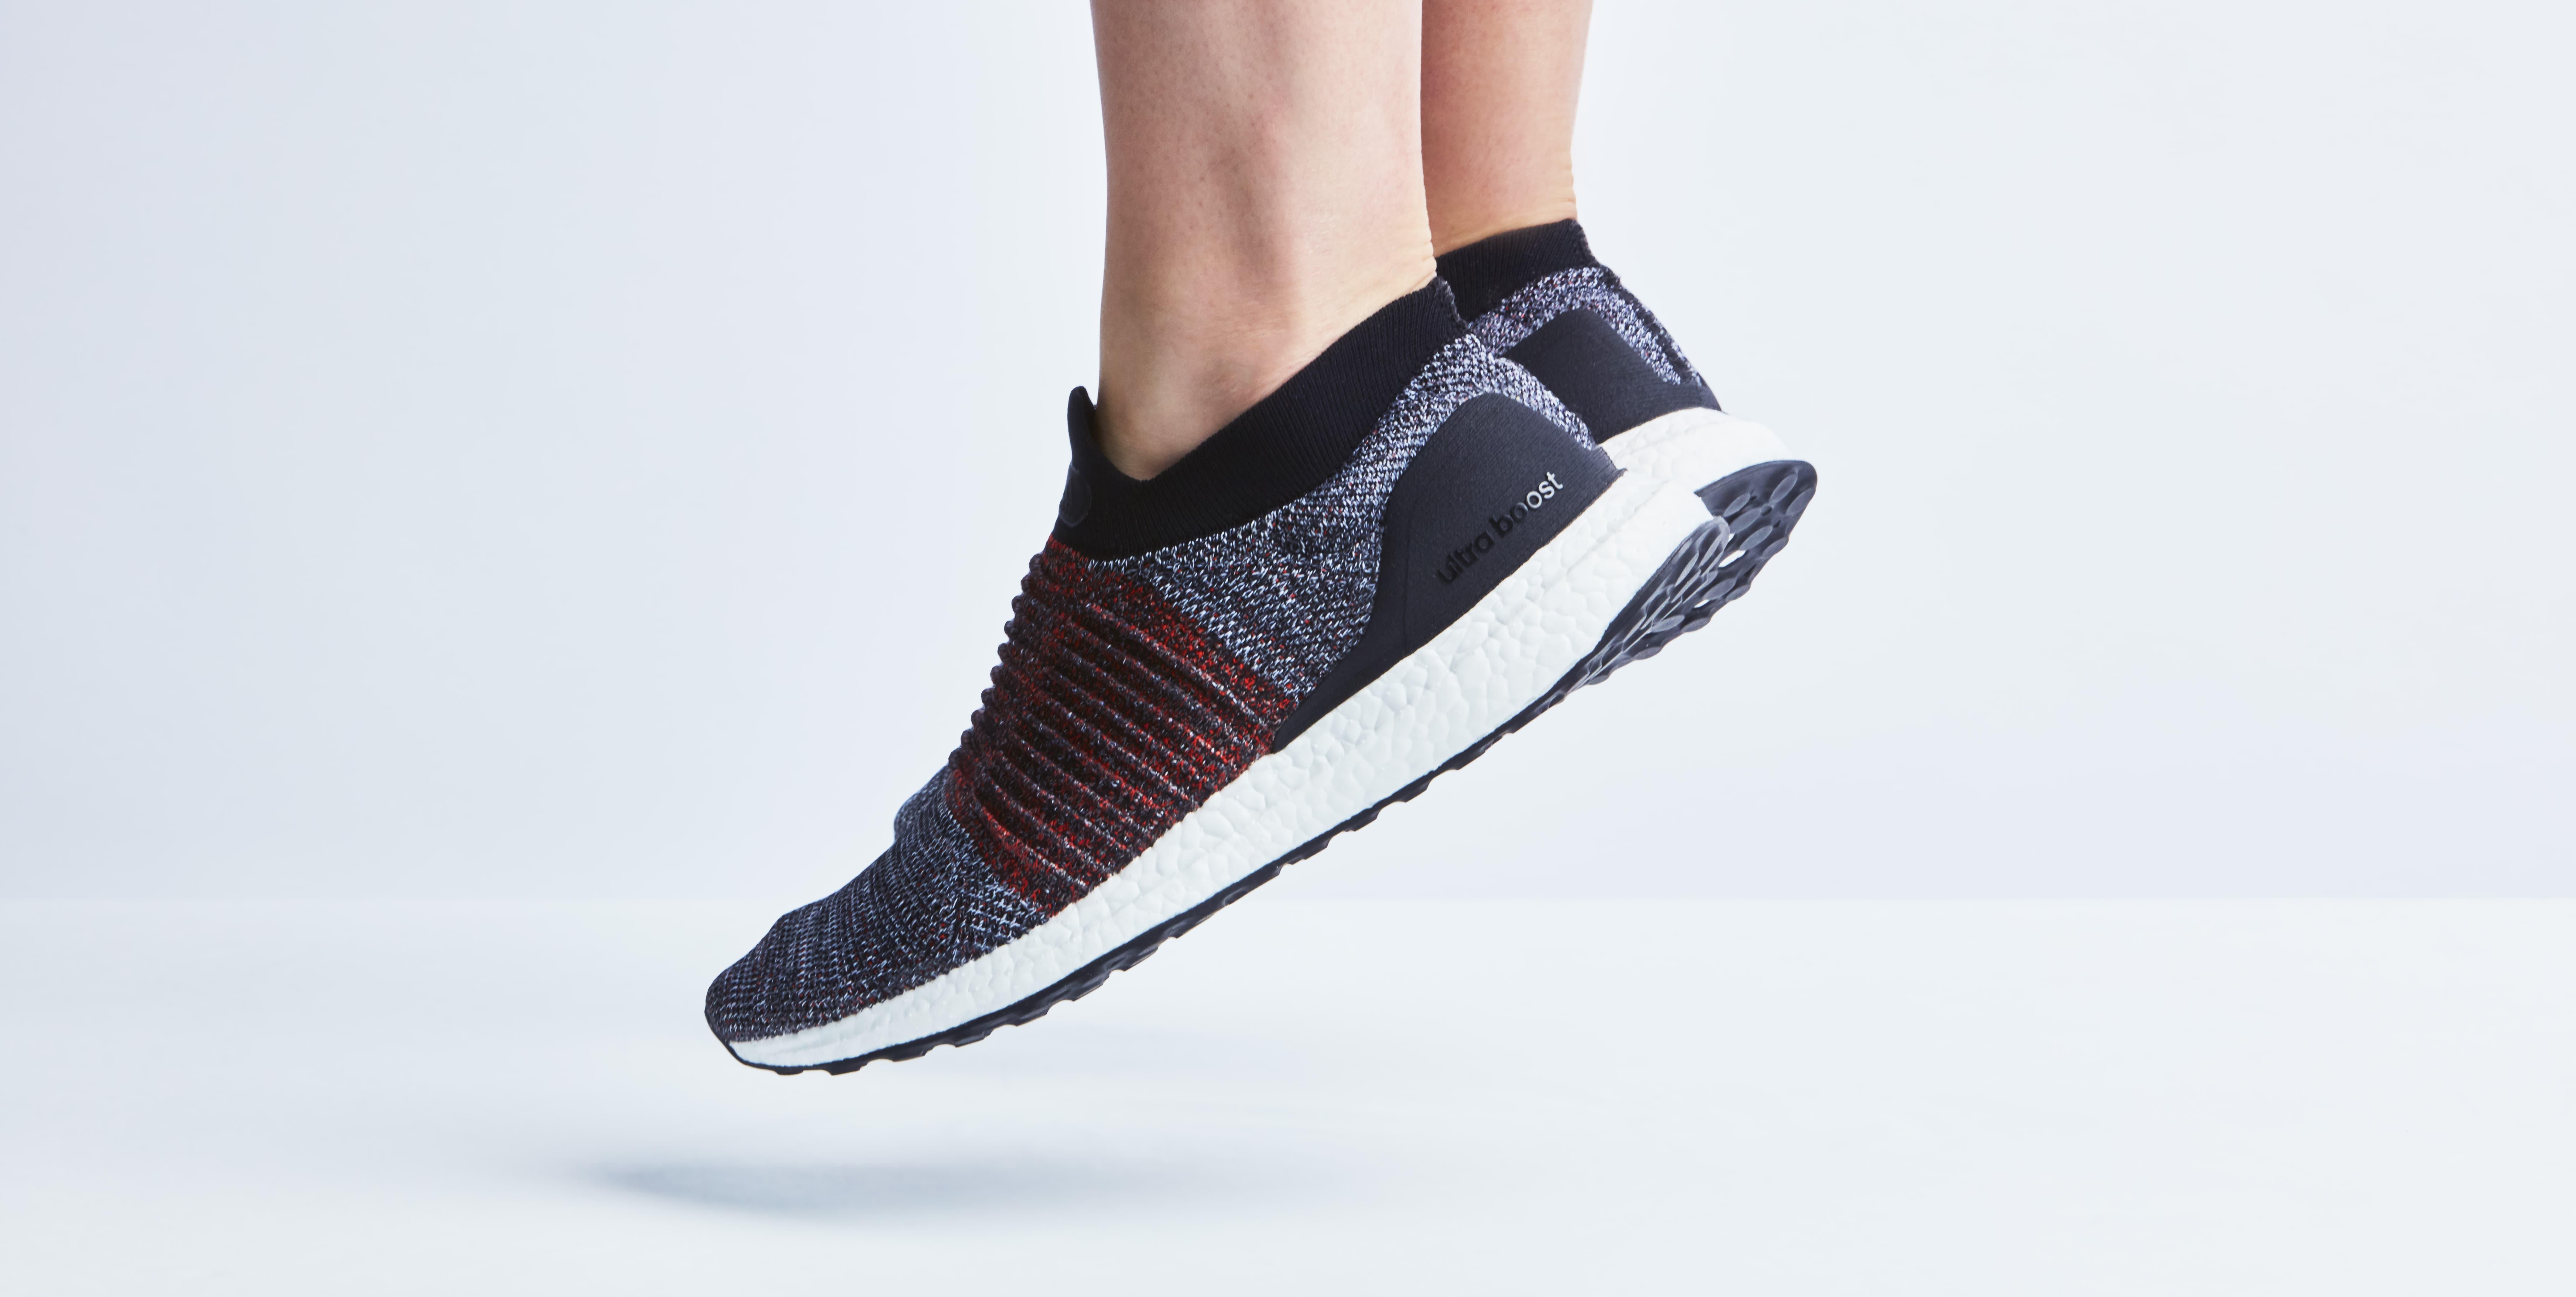 UltraBOOST Laceless adidas sort la première running sans lacet